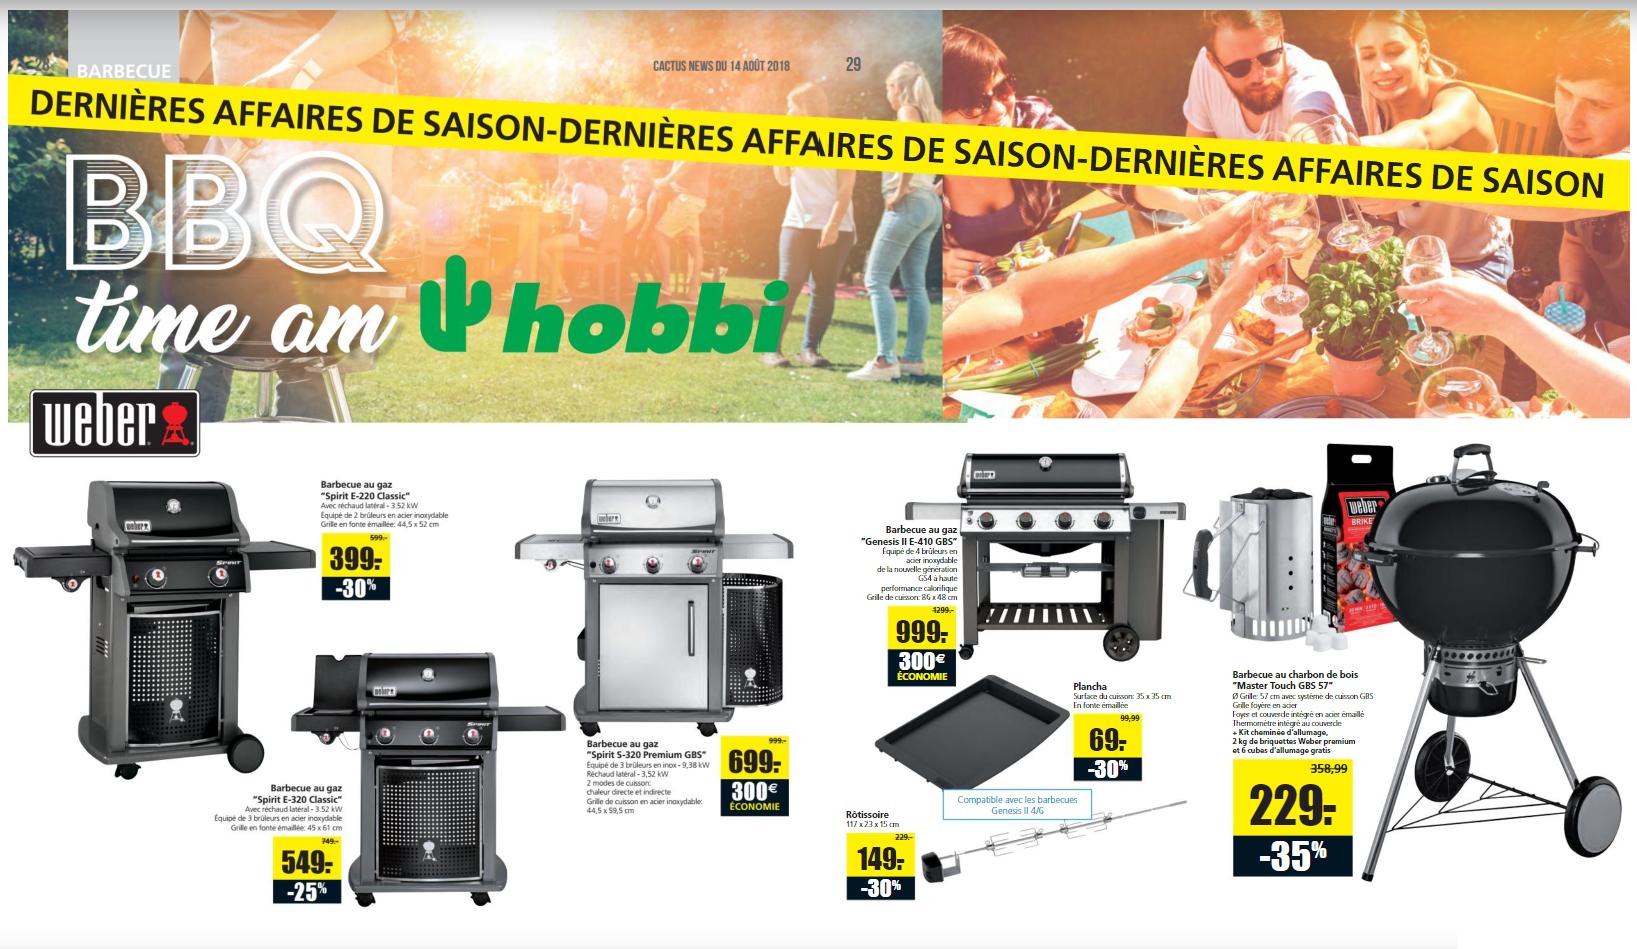 [Cactus Hobbi Luxemburg] Viele gute Weber Angebote, z.B. Spirit S-320 Premium GBS für 699 Euro